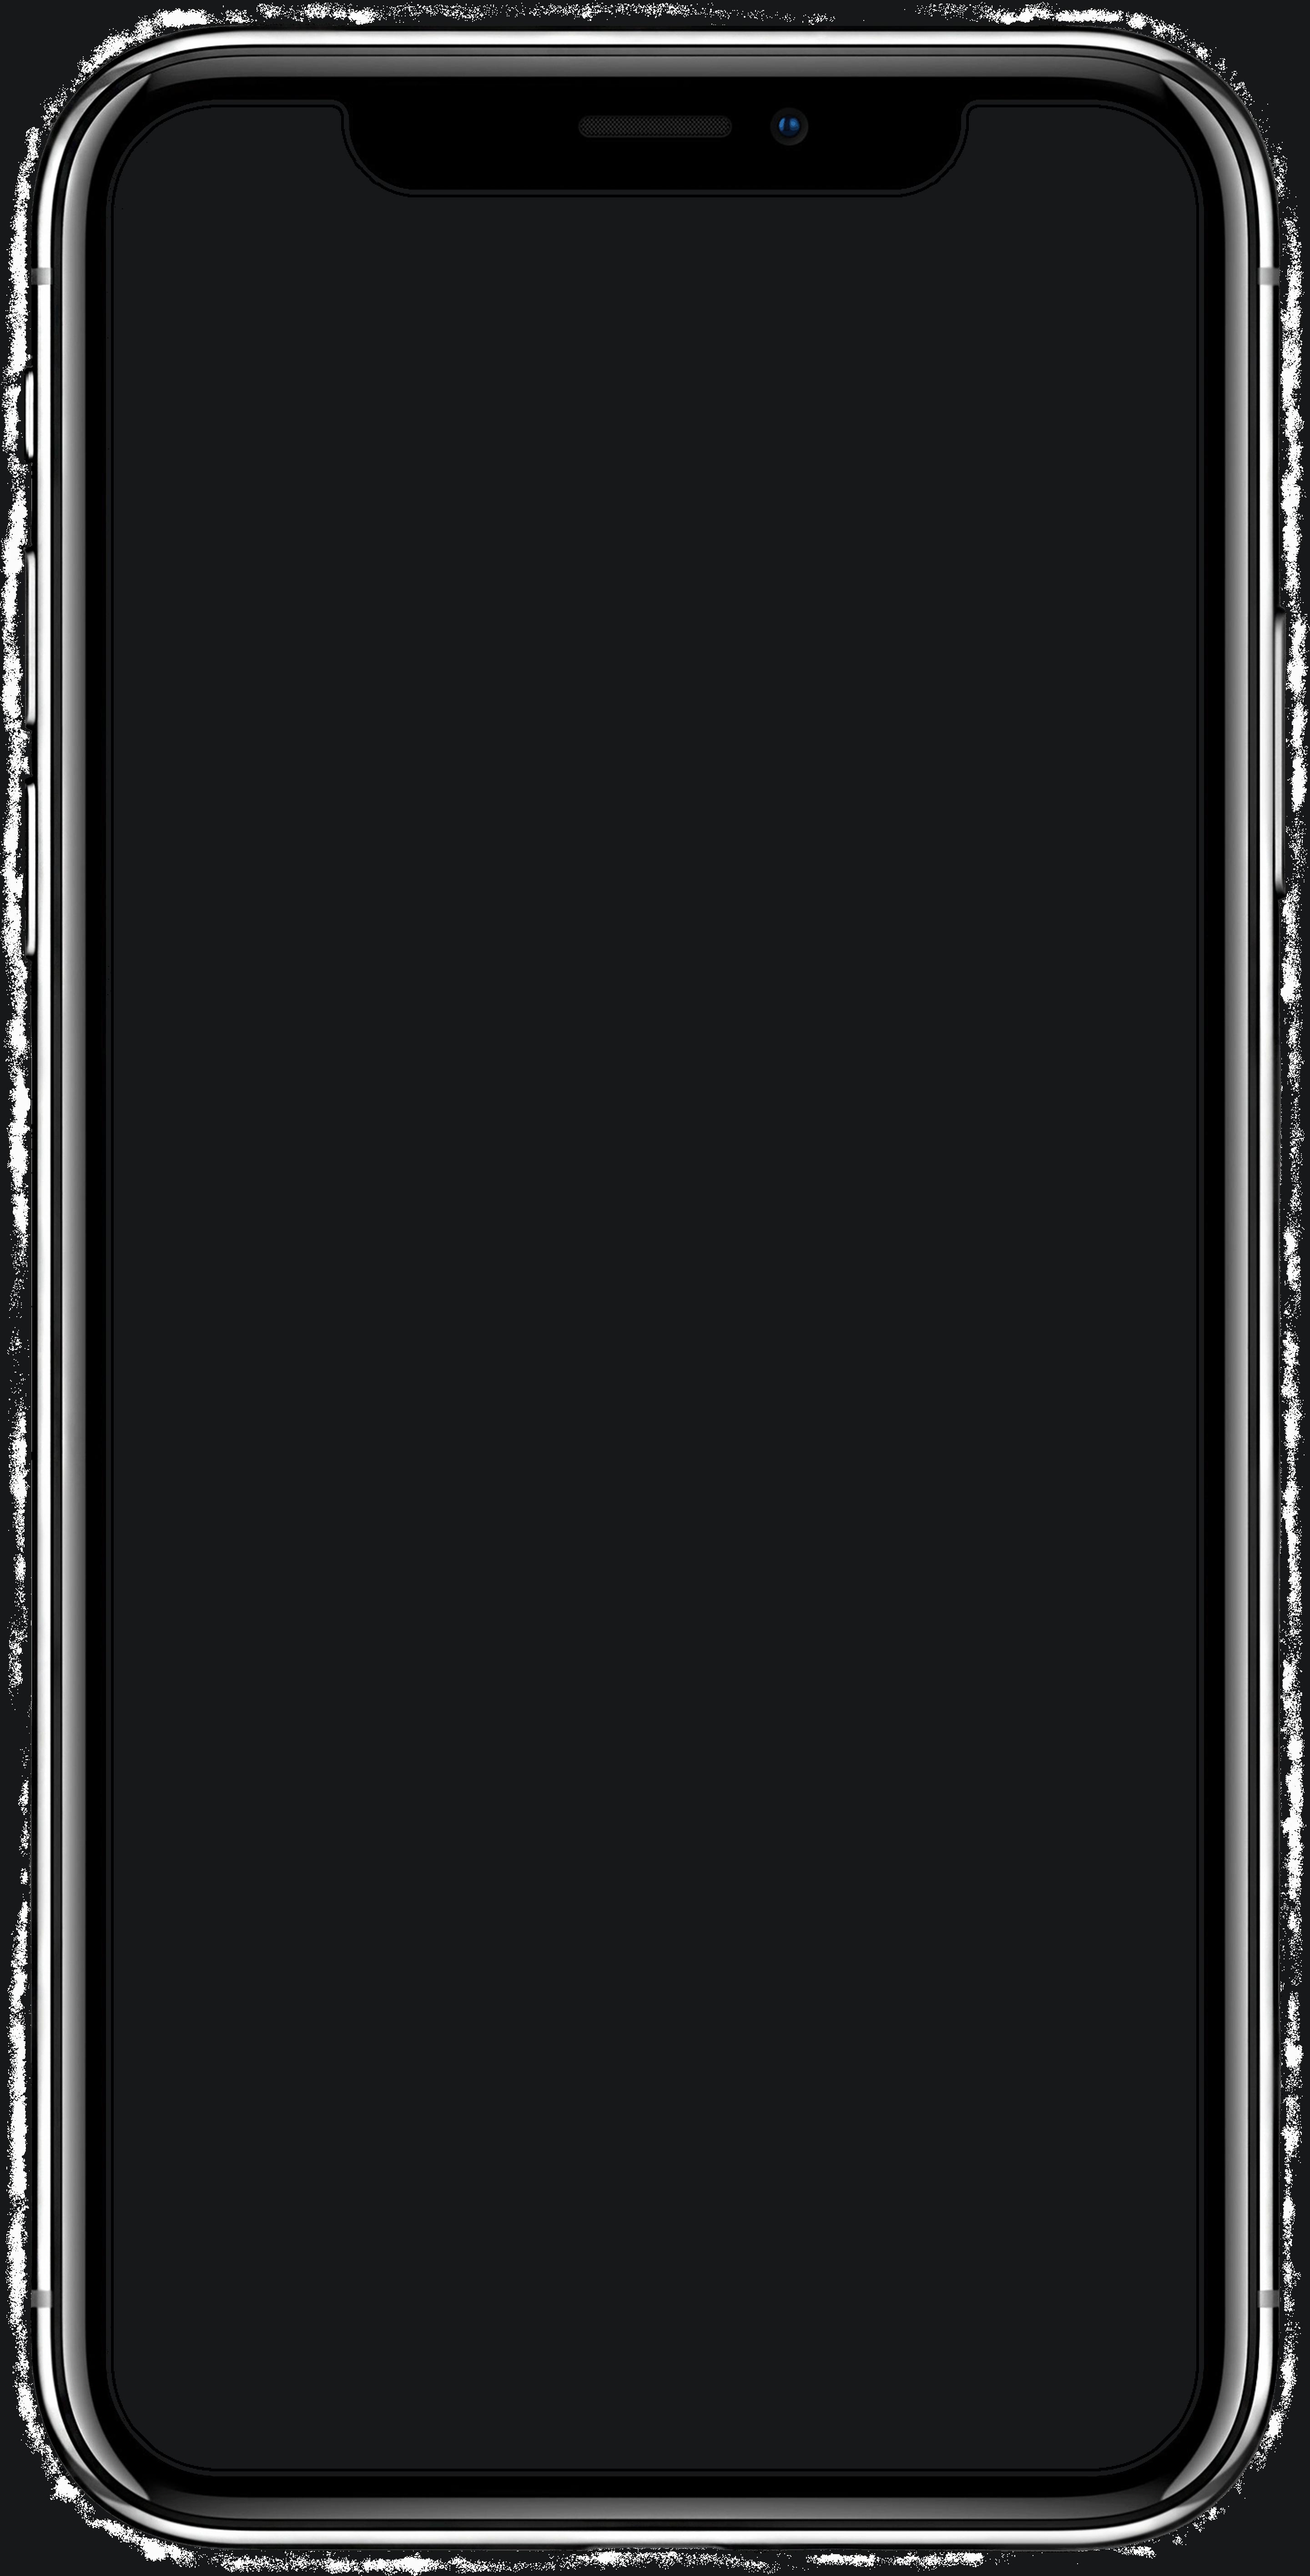 présentation smartphone iphone x détouré neutre